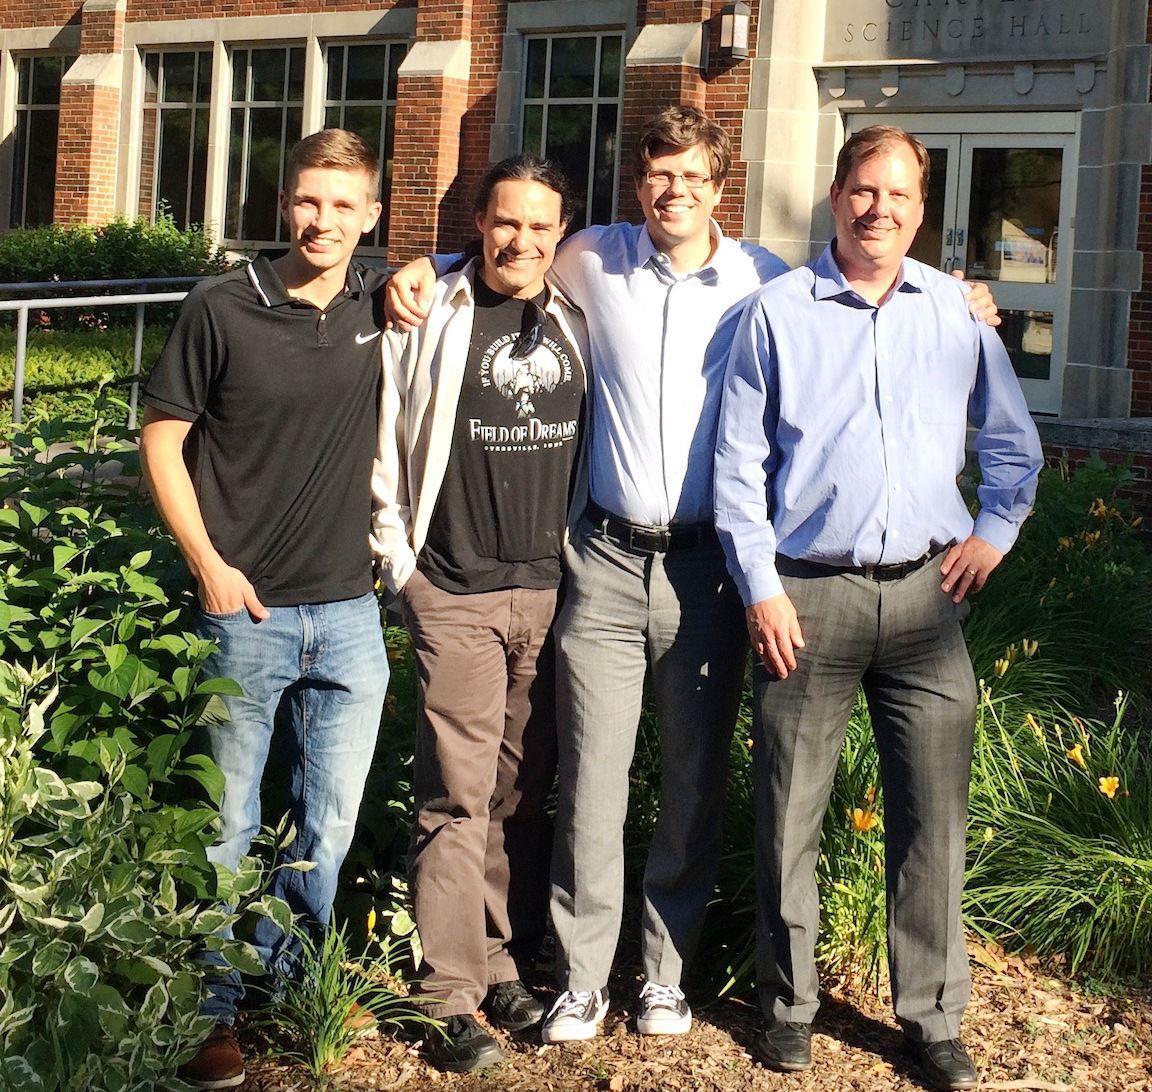 Ryan Skaar, Aaron Santos, Derek Lyons and Todd Kielkopf